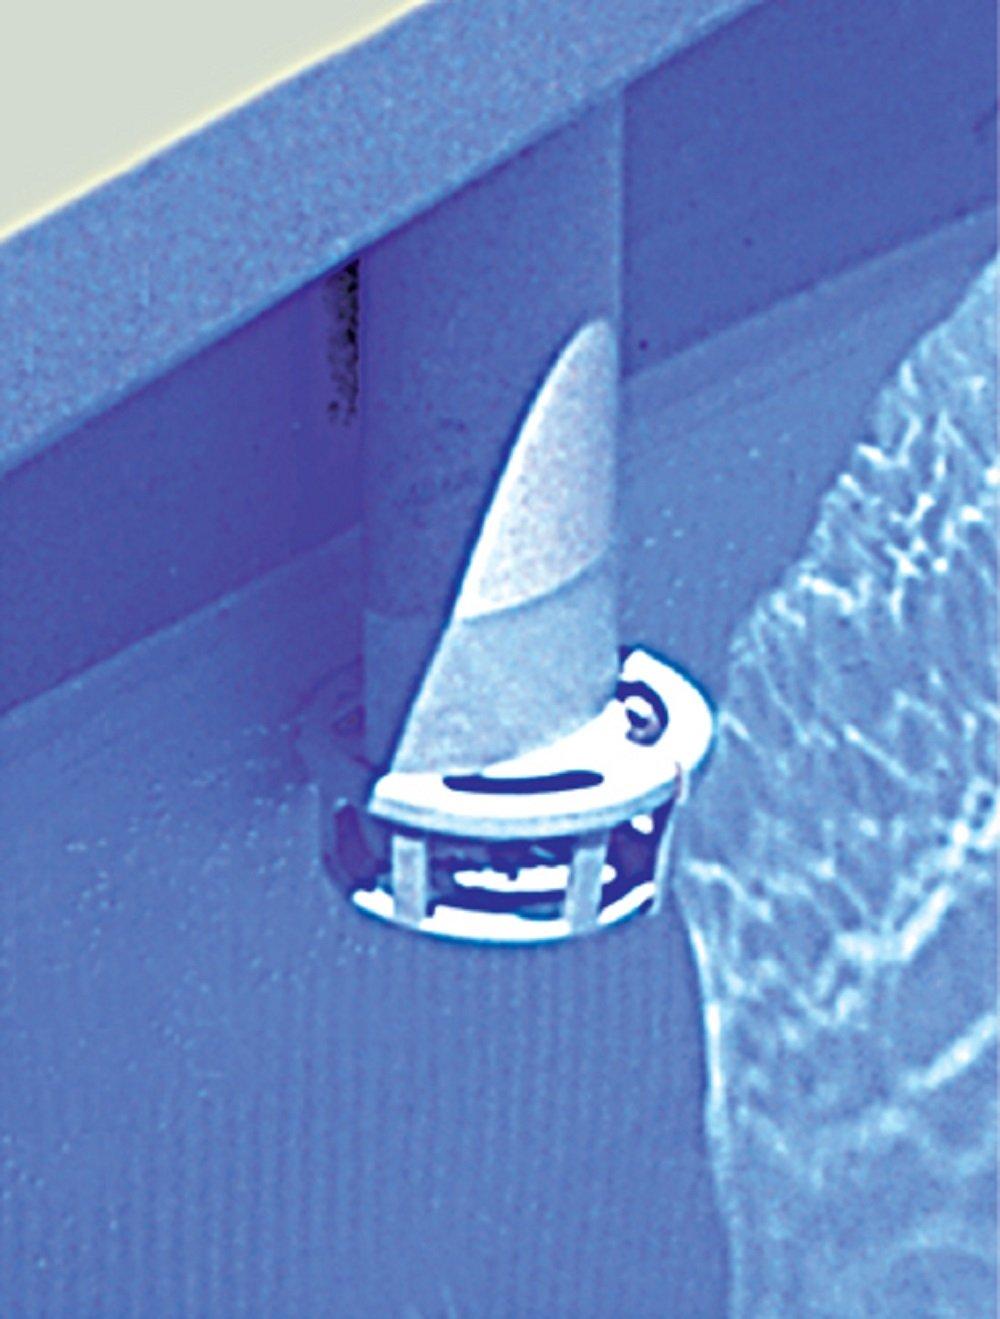 PoolEye Pool-Alarm /über dem Boden